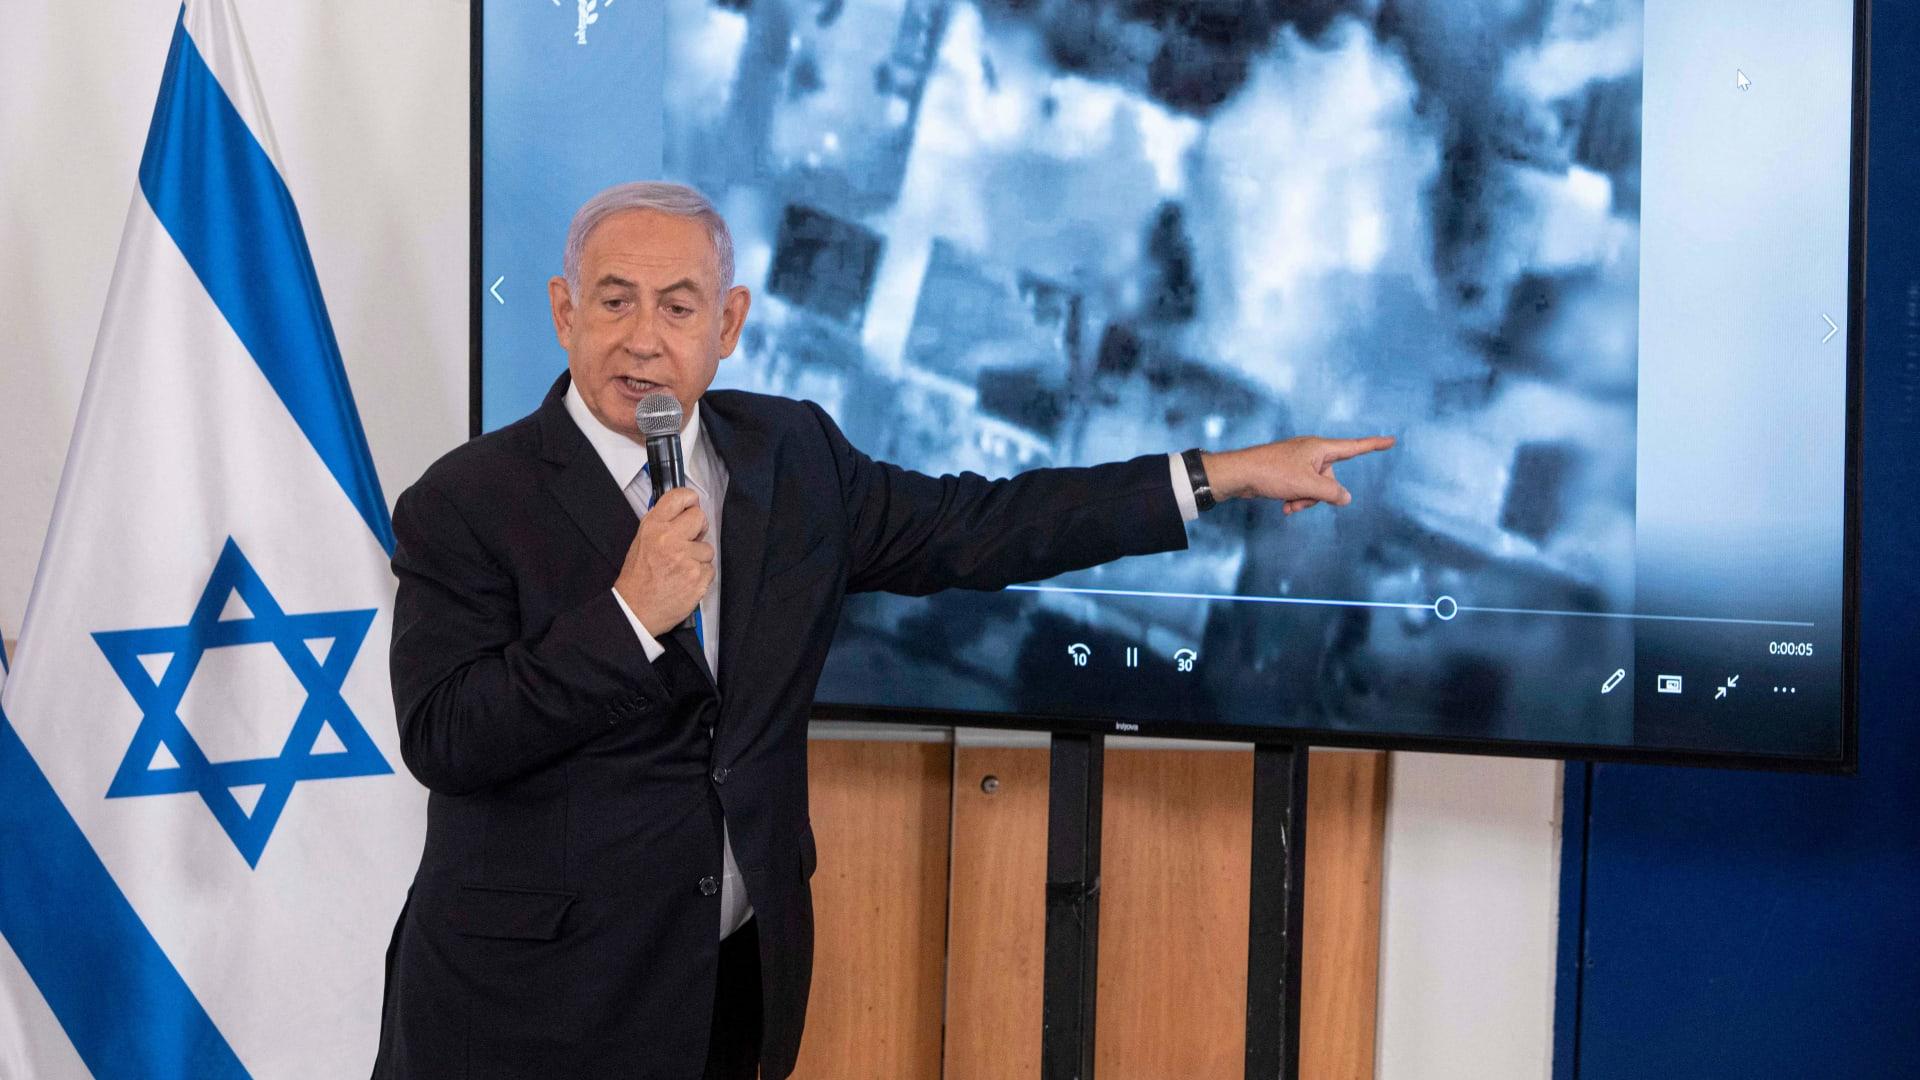 رئيس الوزراء الإسرائيلي خلال عرض للعمليات في غزة، الأربعاء 19 مايو 2021